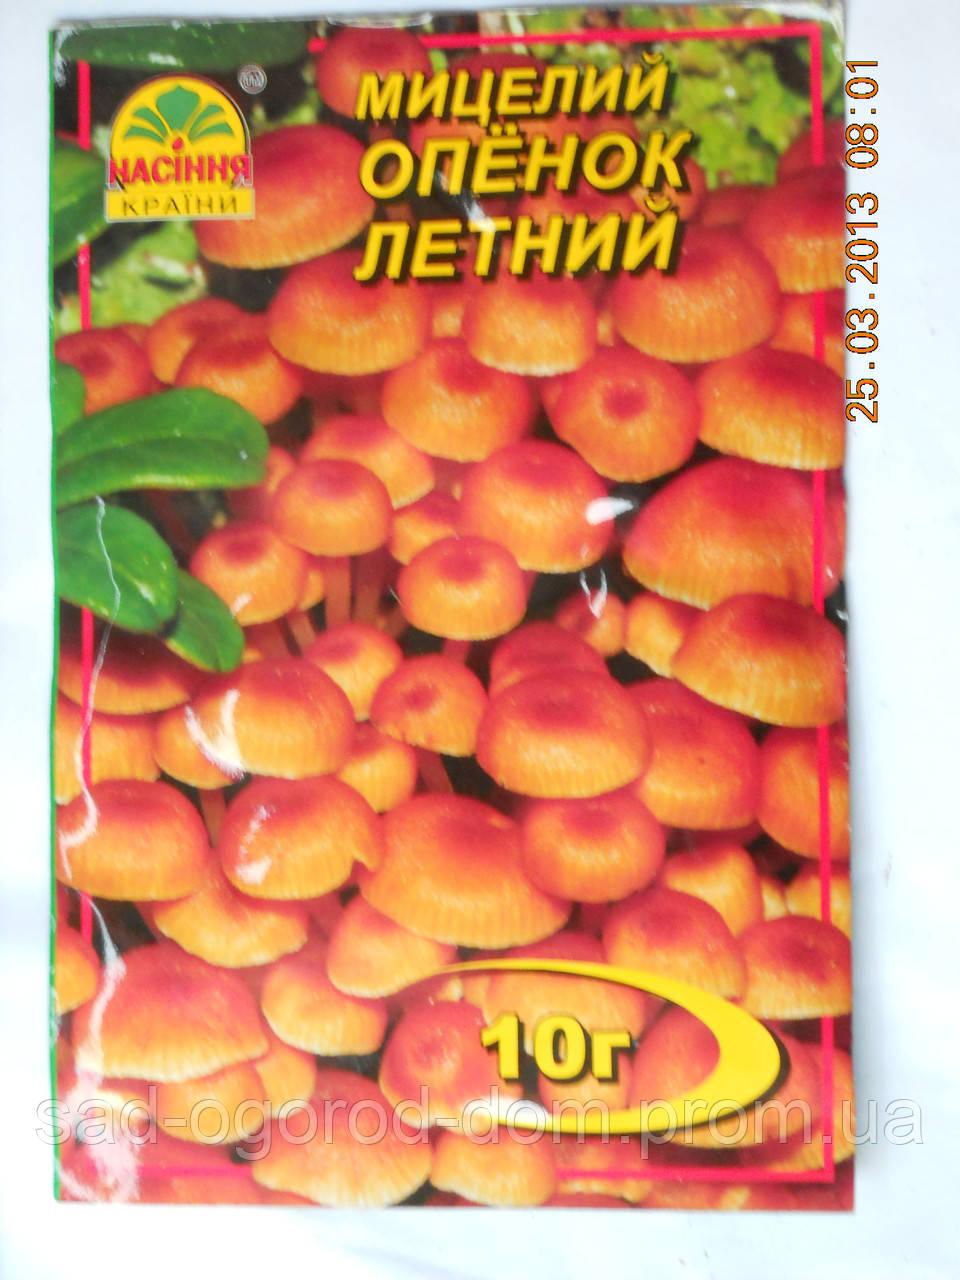 Мицелий Опенка летнего